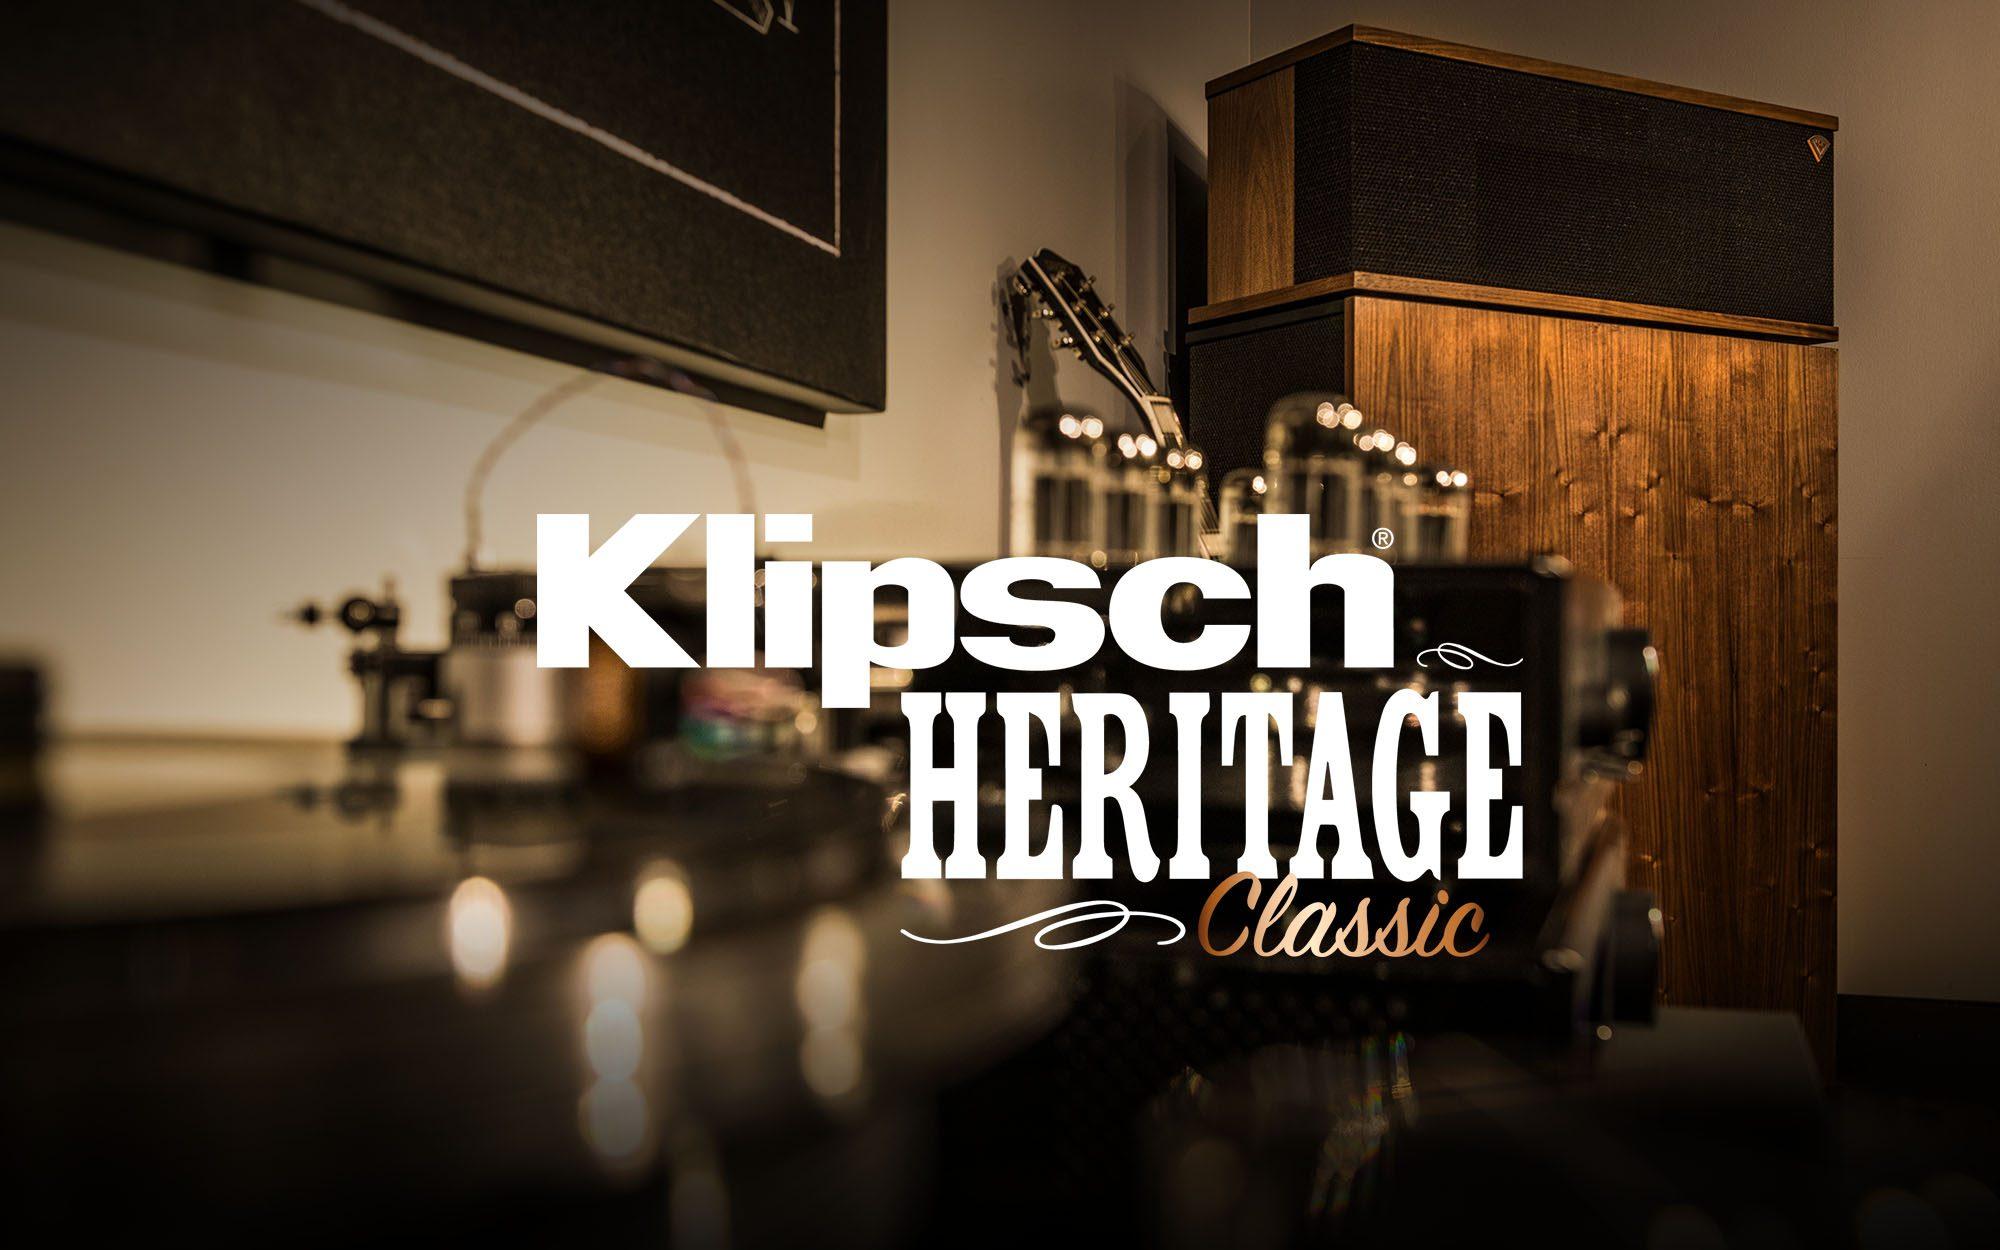 Klipsch Heritage Classic Hero